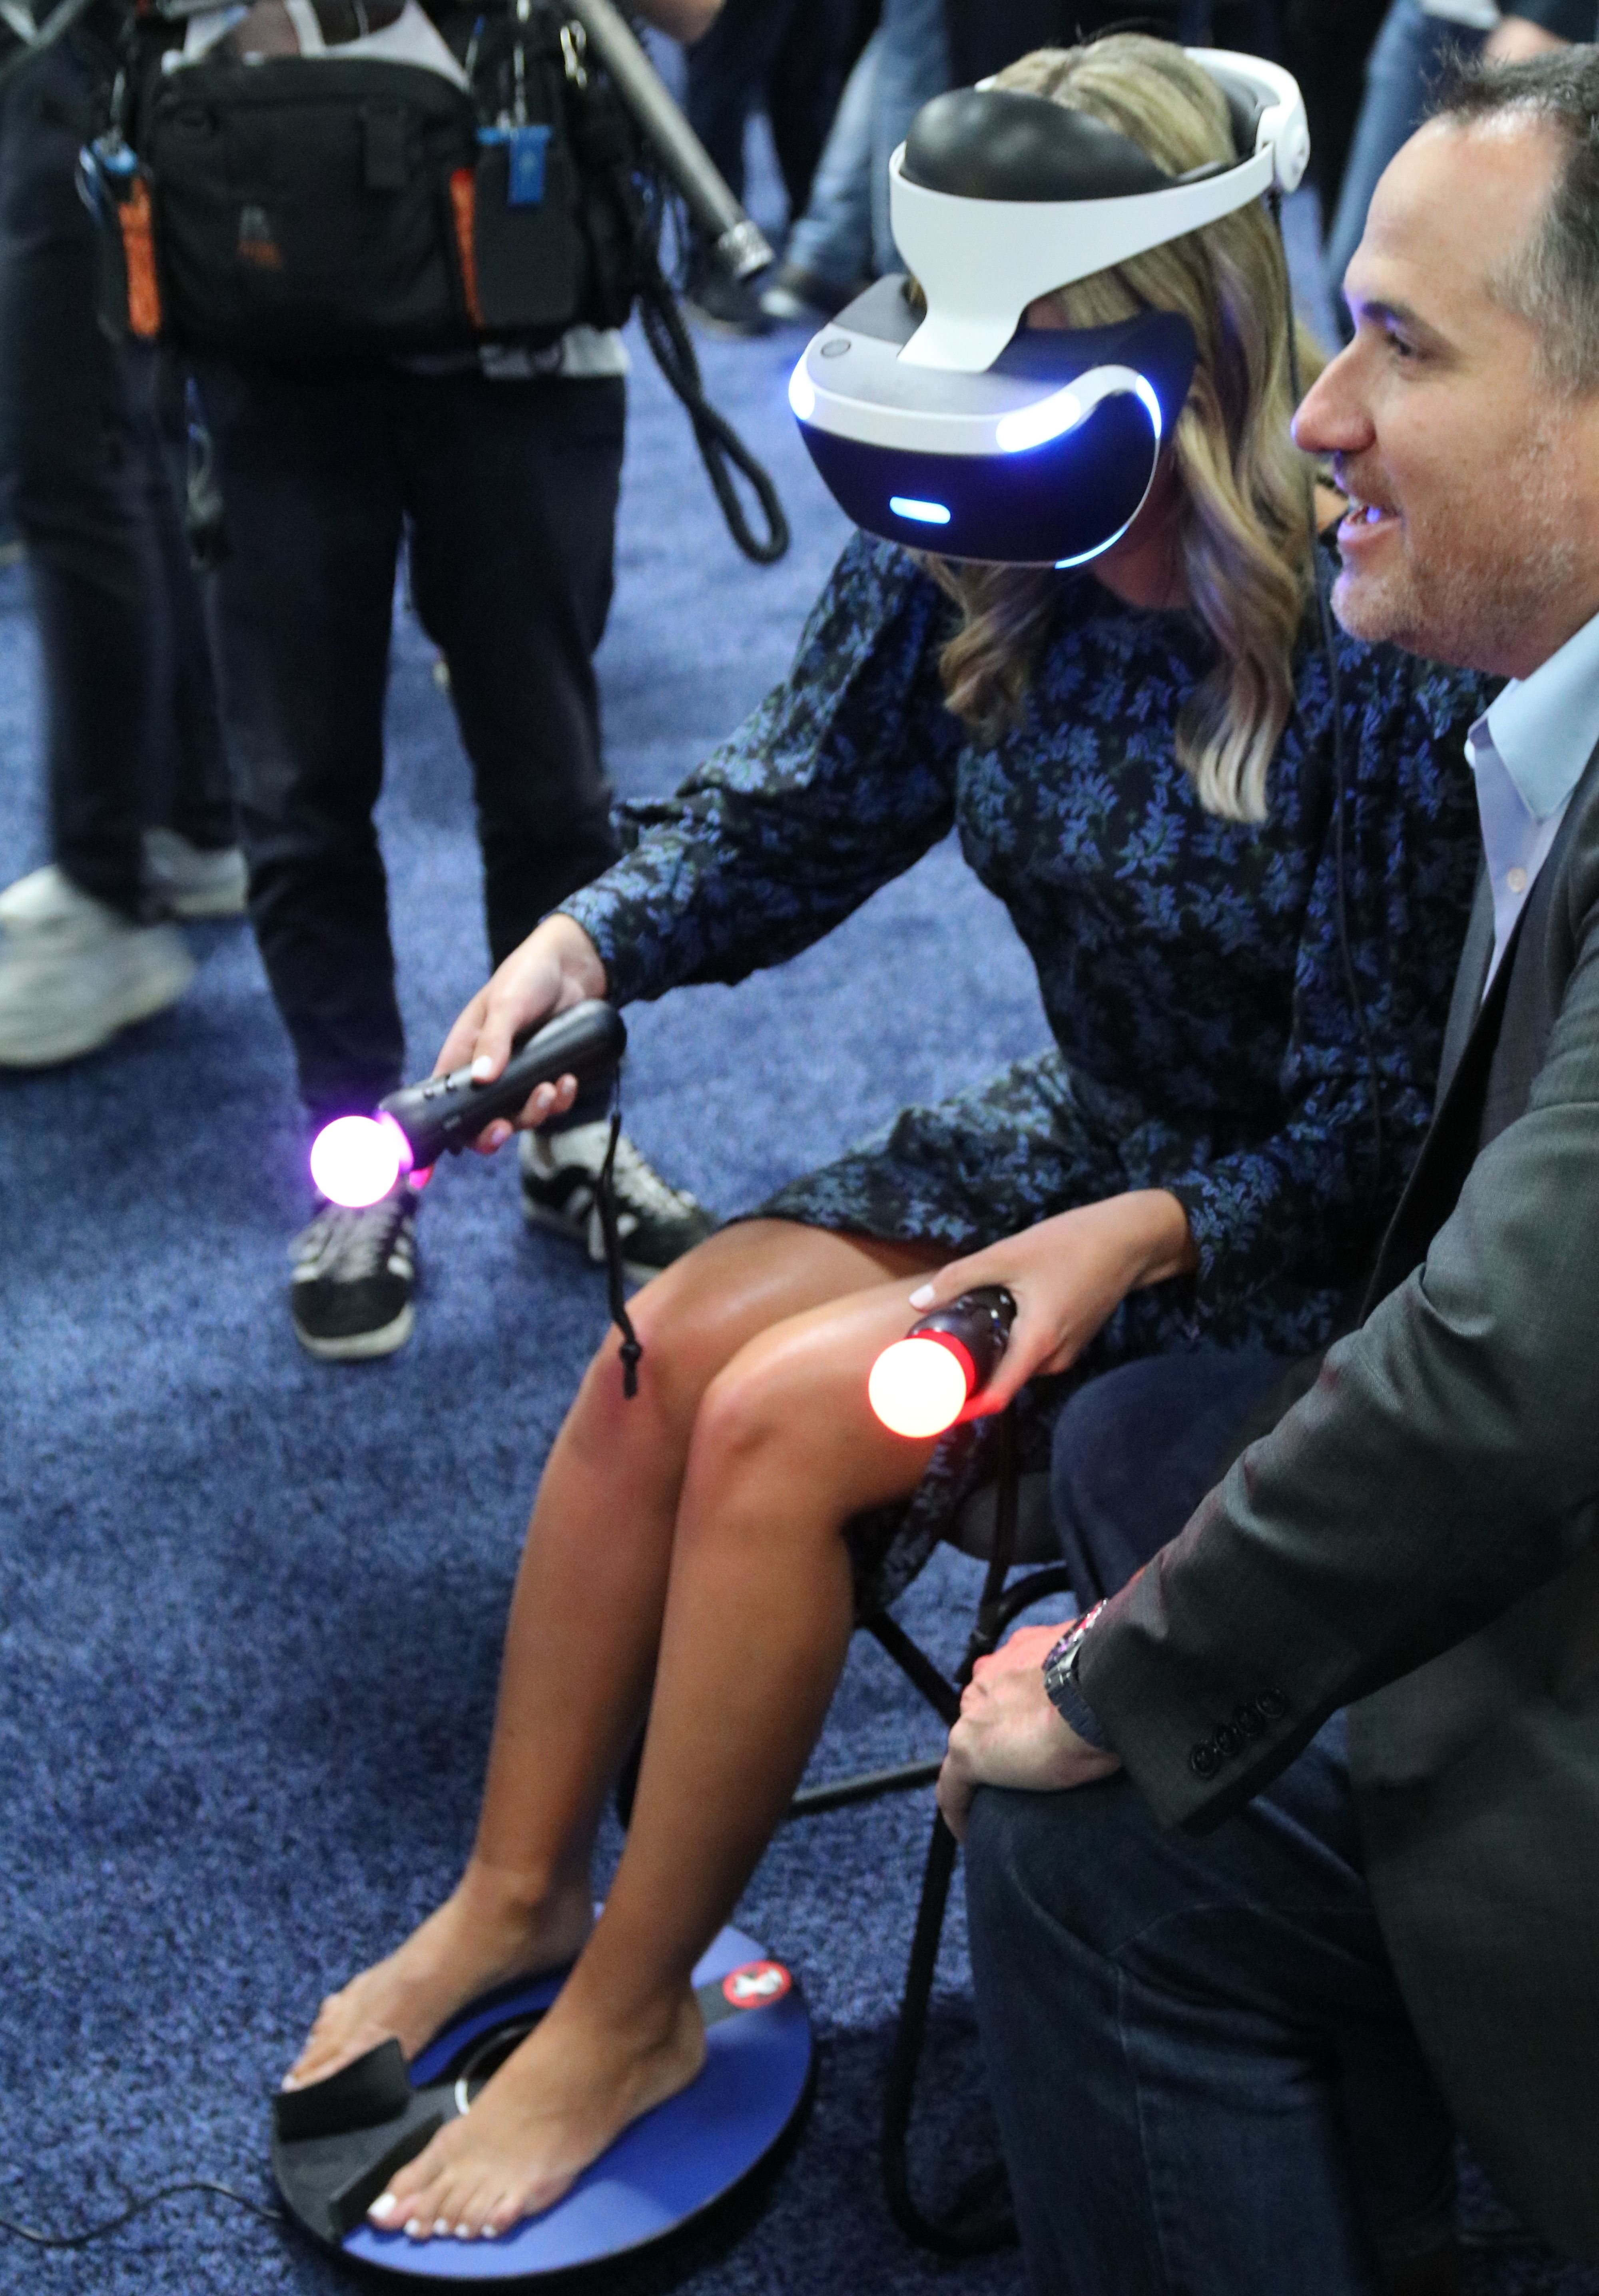 Dette produktet for å bevege seg fritt i VR-verdener virket lovende, men føltes aldri naturlig.